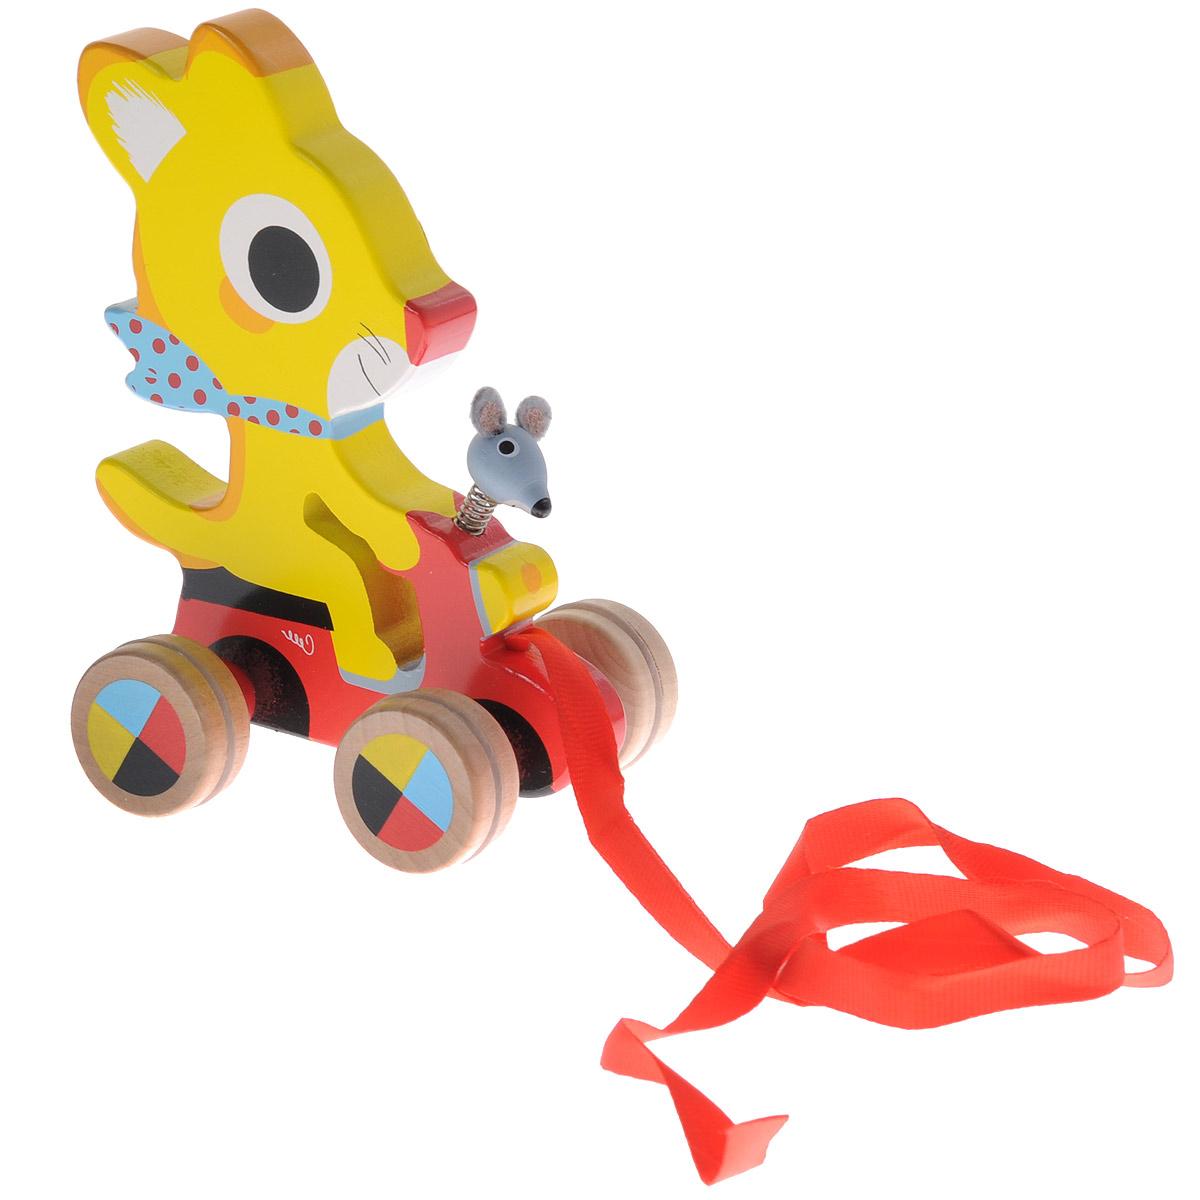 Djeco Деревянная игрушка-каталка Котенок06226Деревянная игрушка-каталка Djeco Котенок непременно понравится вашему малышу и подойдет для игры как дома, так и на свежем воздухе. Она выполнена из дерева с использованием нетоксичных красок в виде котенка на машинке. Также к игрушке на металлическую пружинку крепится голова мышонка. Края игрушки закруглены, чтобы избежать вероятности травмирования. Каталка оснащена четырьмя колесиками, оформленными рисунком в виде цветных вставок. За текстильную ленточку малыш сможет возить игрушку за собой. Игрушка-каталка Djeco Котенок развивает пространственное мышление, цветовое восприятие, ловкость, равновесие и координацию движений.